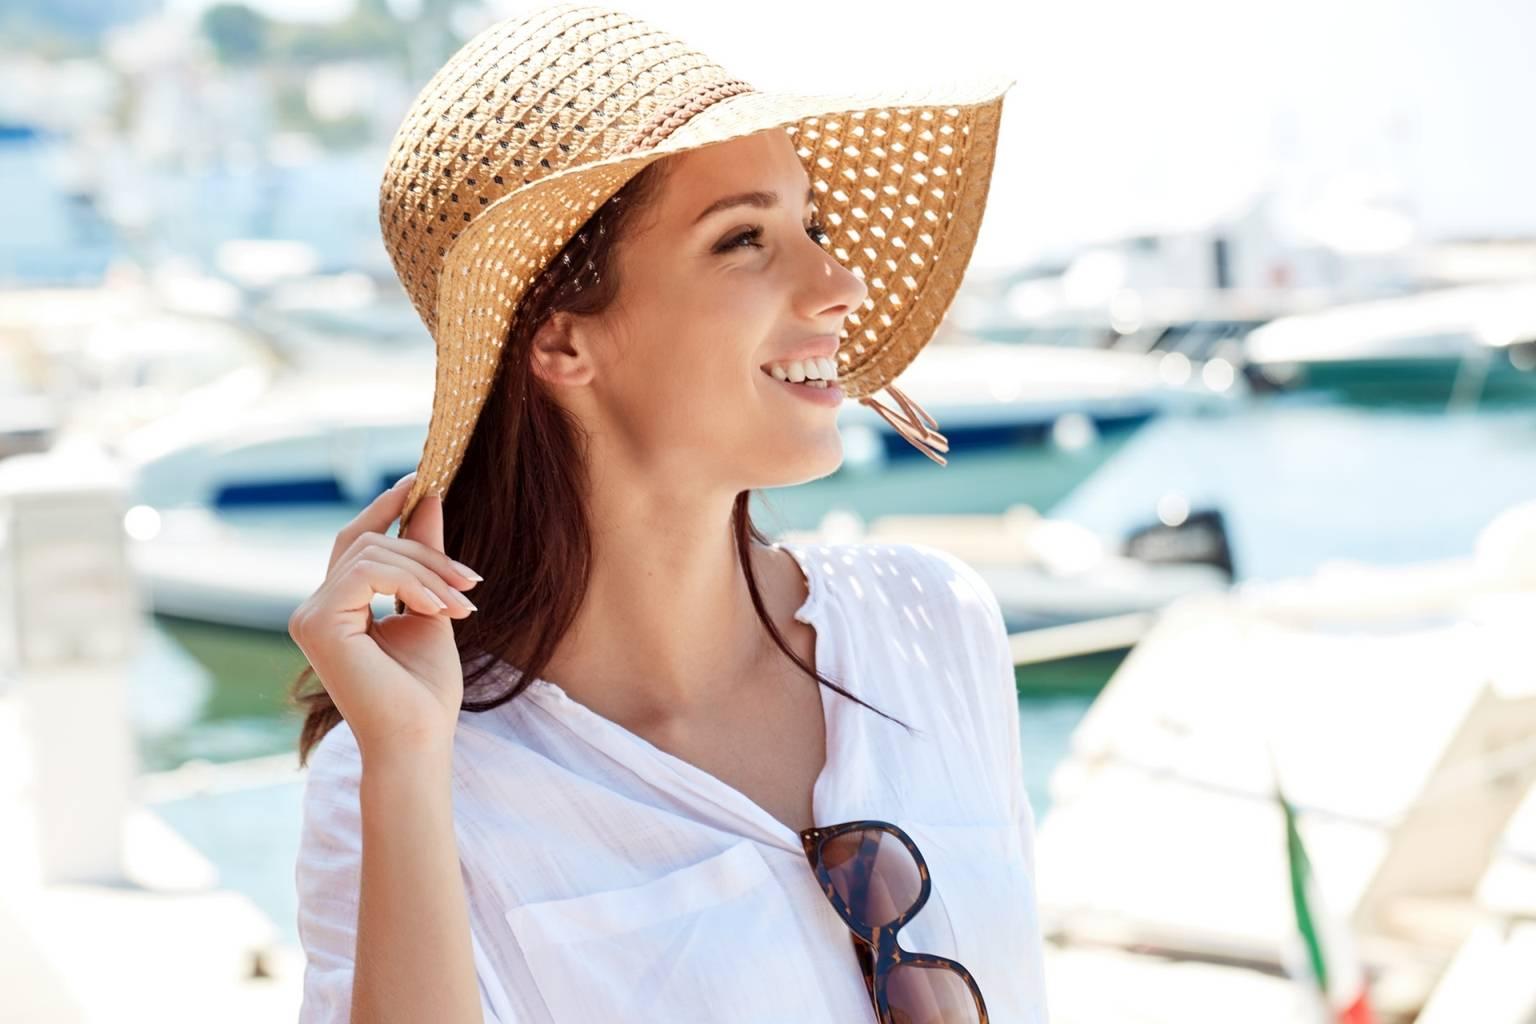 Uśmiechnięta kobieta w słomkowym kapeluszu stoi latem na molo. W jaki sposób śmiech wspiera odporność?